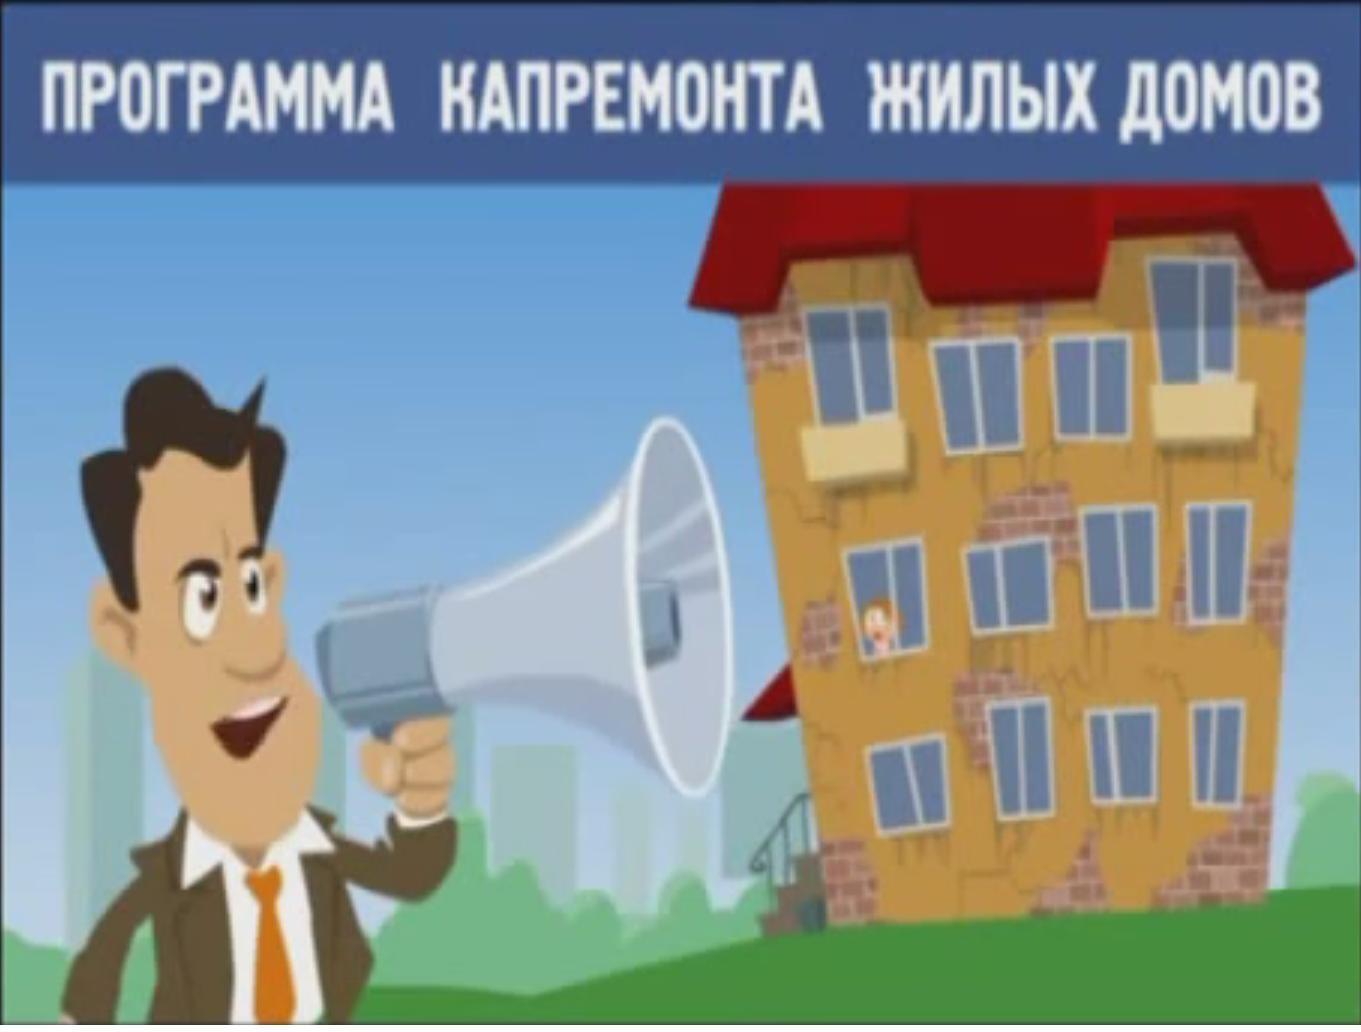 Специалисты: Программа капитального ремонта жилья провалилась